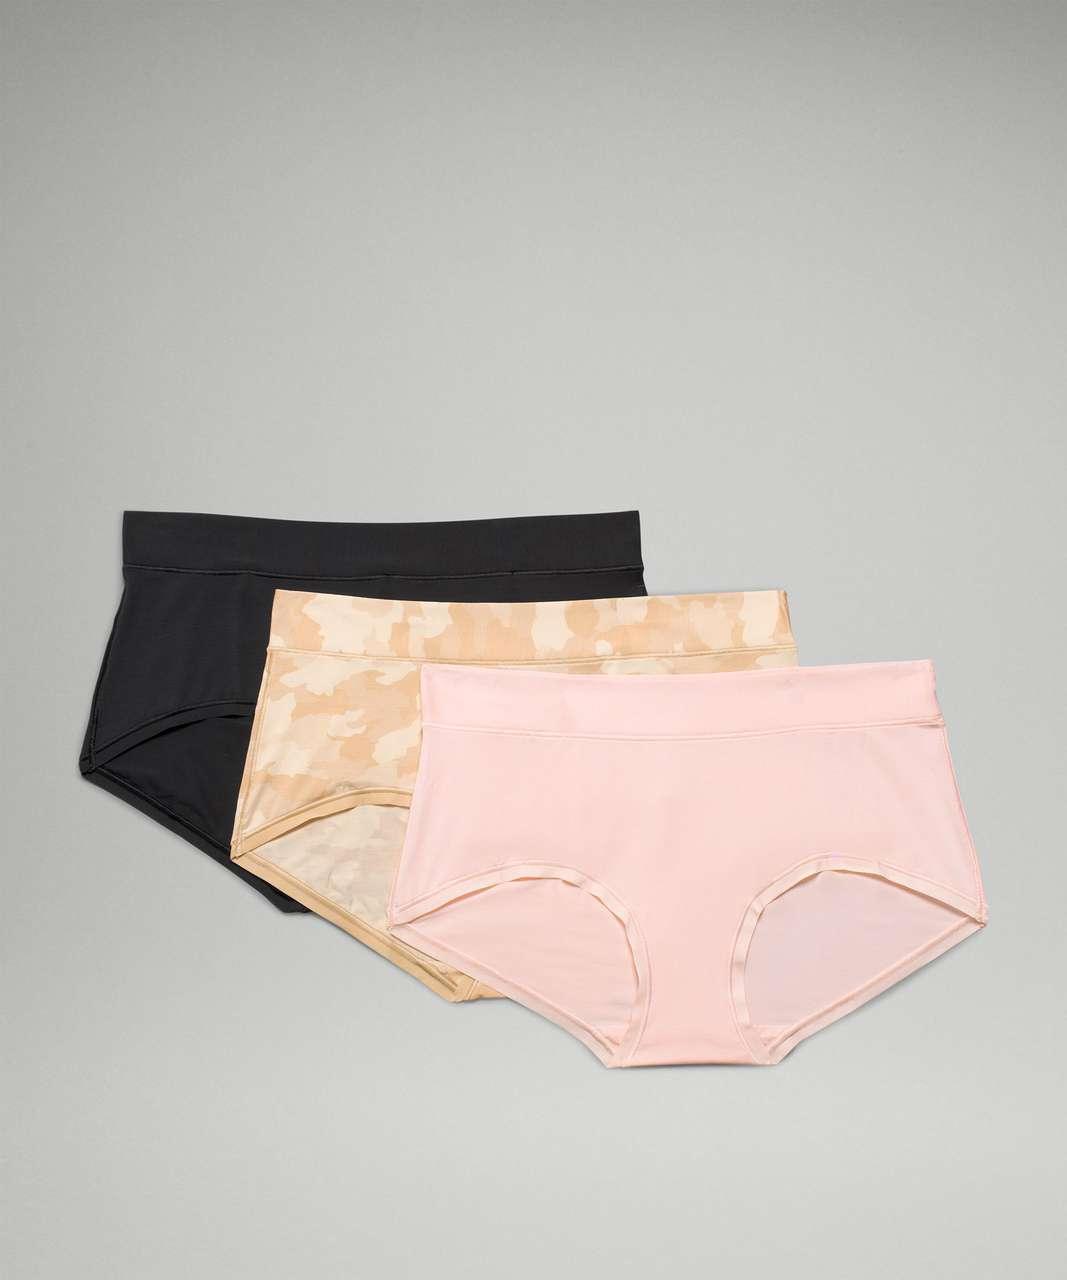 Lululemon UnderEase Mid Rise Boyshort Underwear 3 Pack - Heritage 365 Camo Mini Pecan Tan Multi / Pink Mist / Black